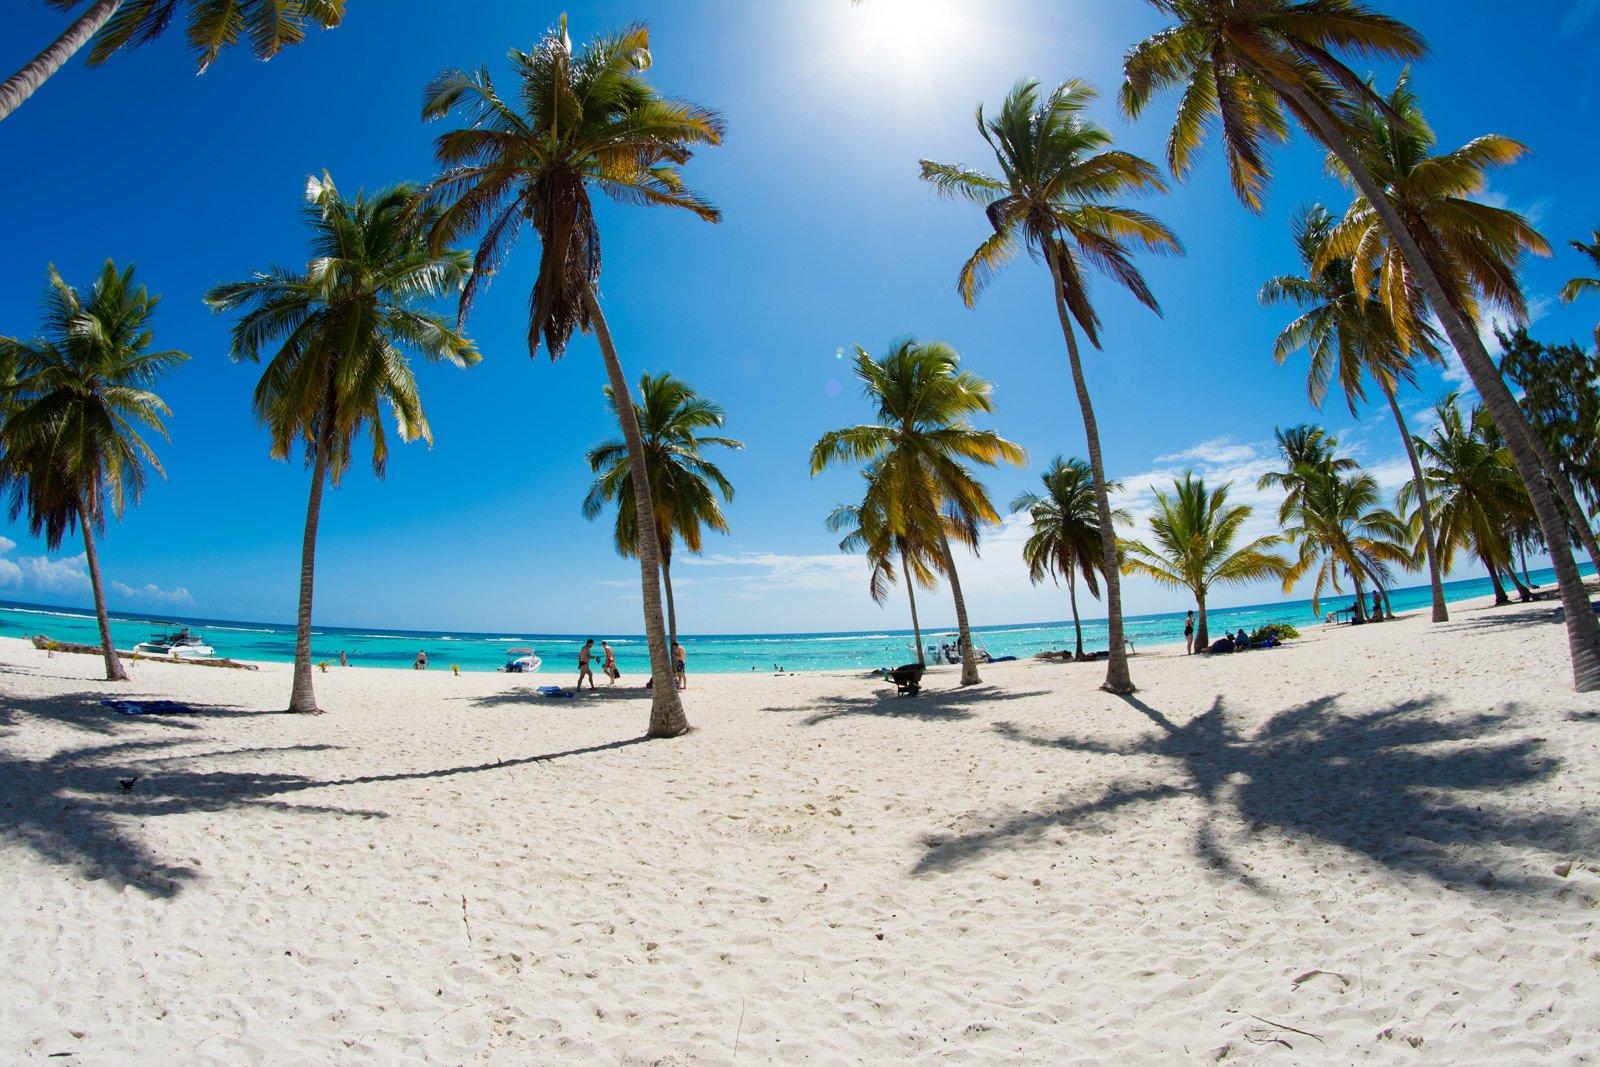 Playa bayahibe todo incluido felicesvacaciones - Viaje a zanzibar todo incluido ...